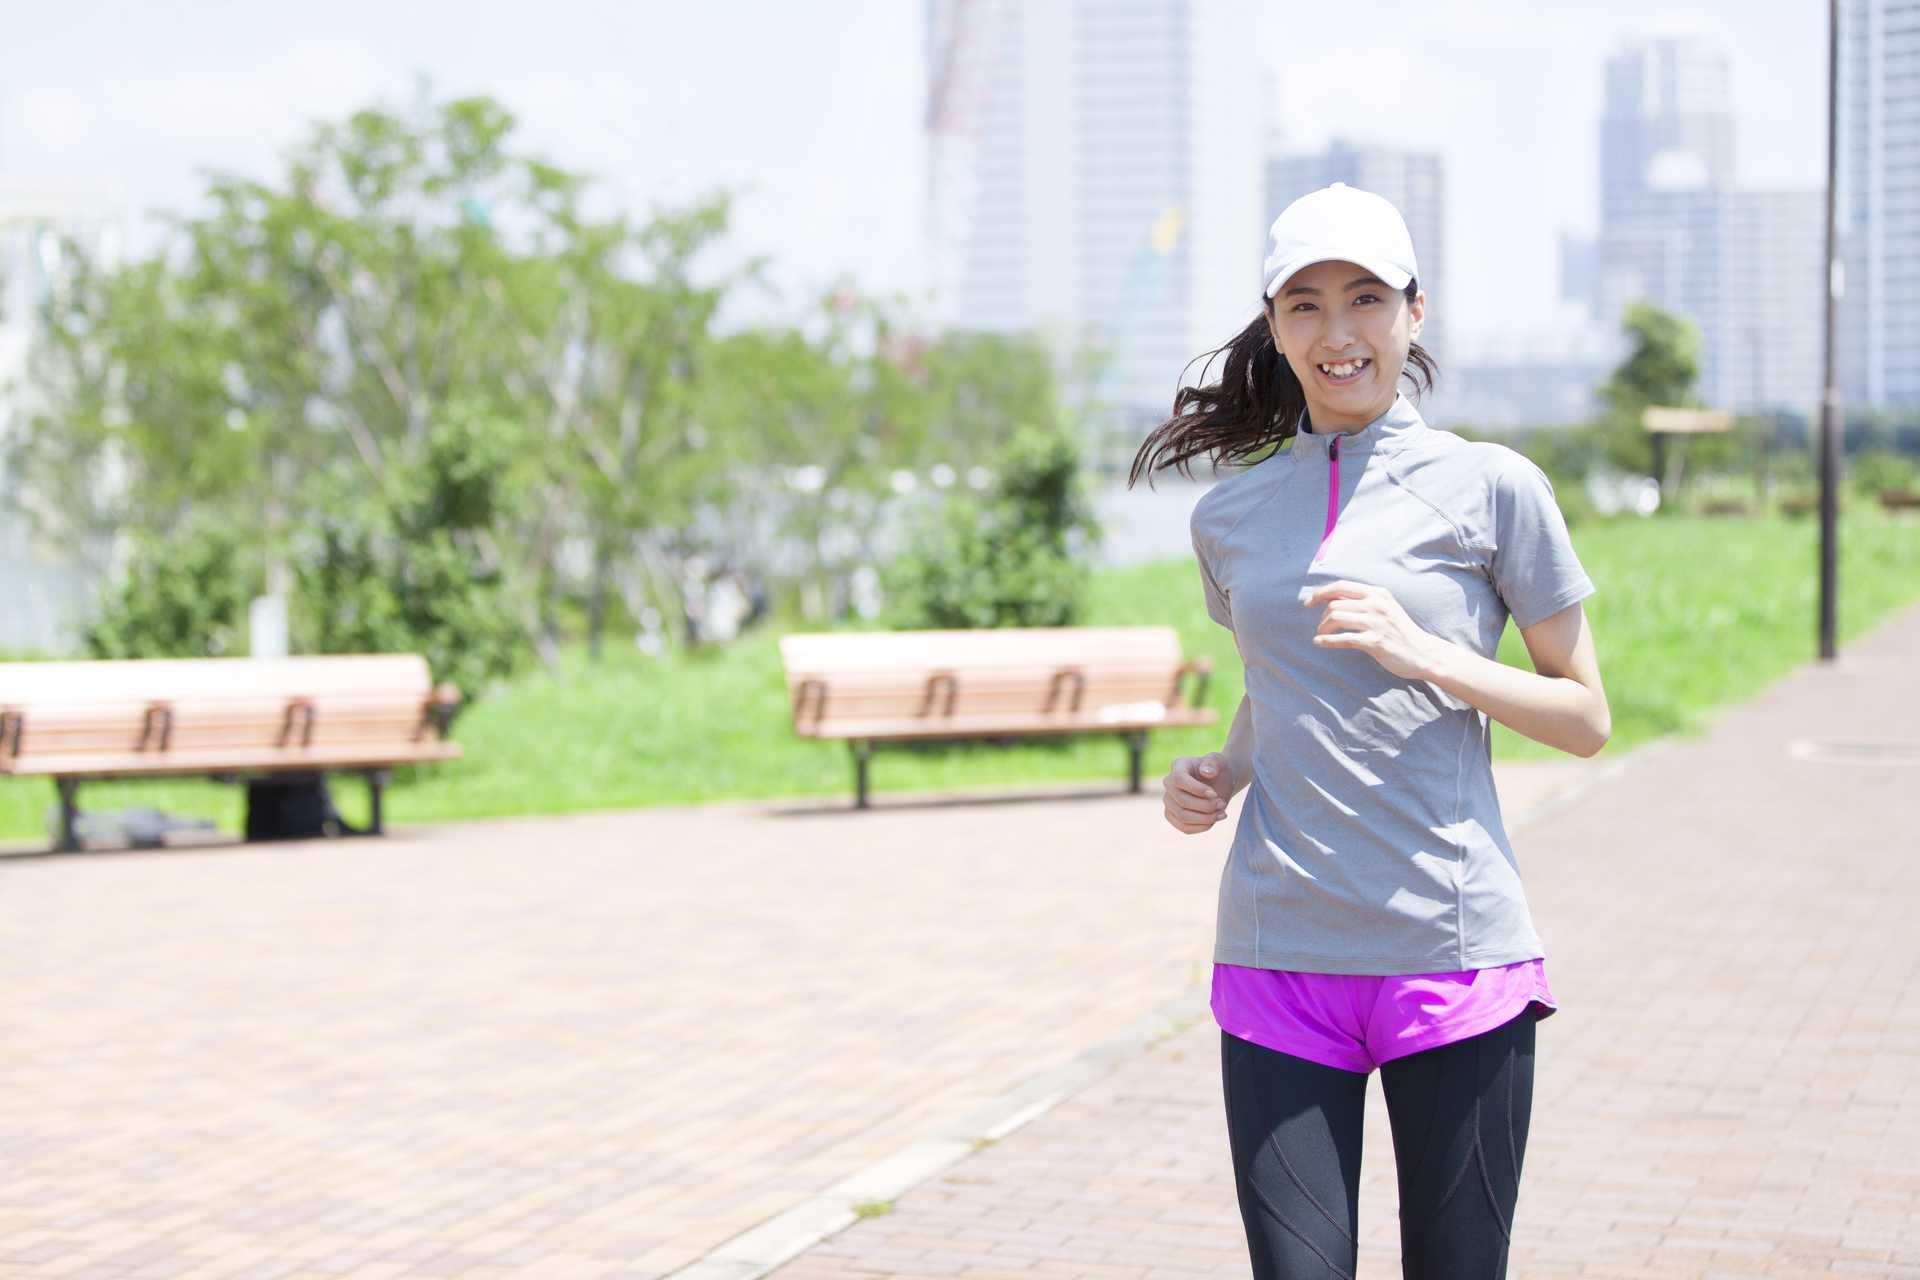 健康を維持できない人は「運動は、悪くなったときにするものだ」と思っている。 | 脳を刺激する30の歩き方